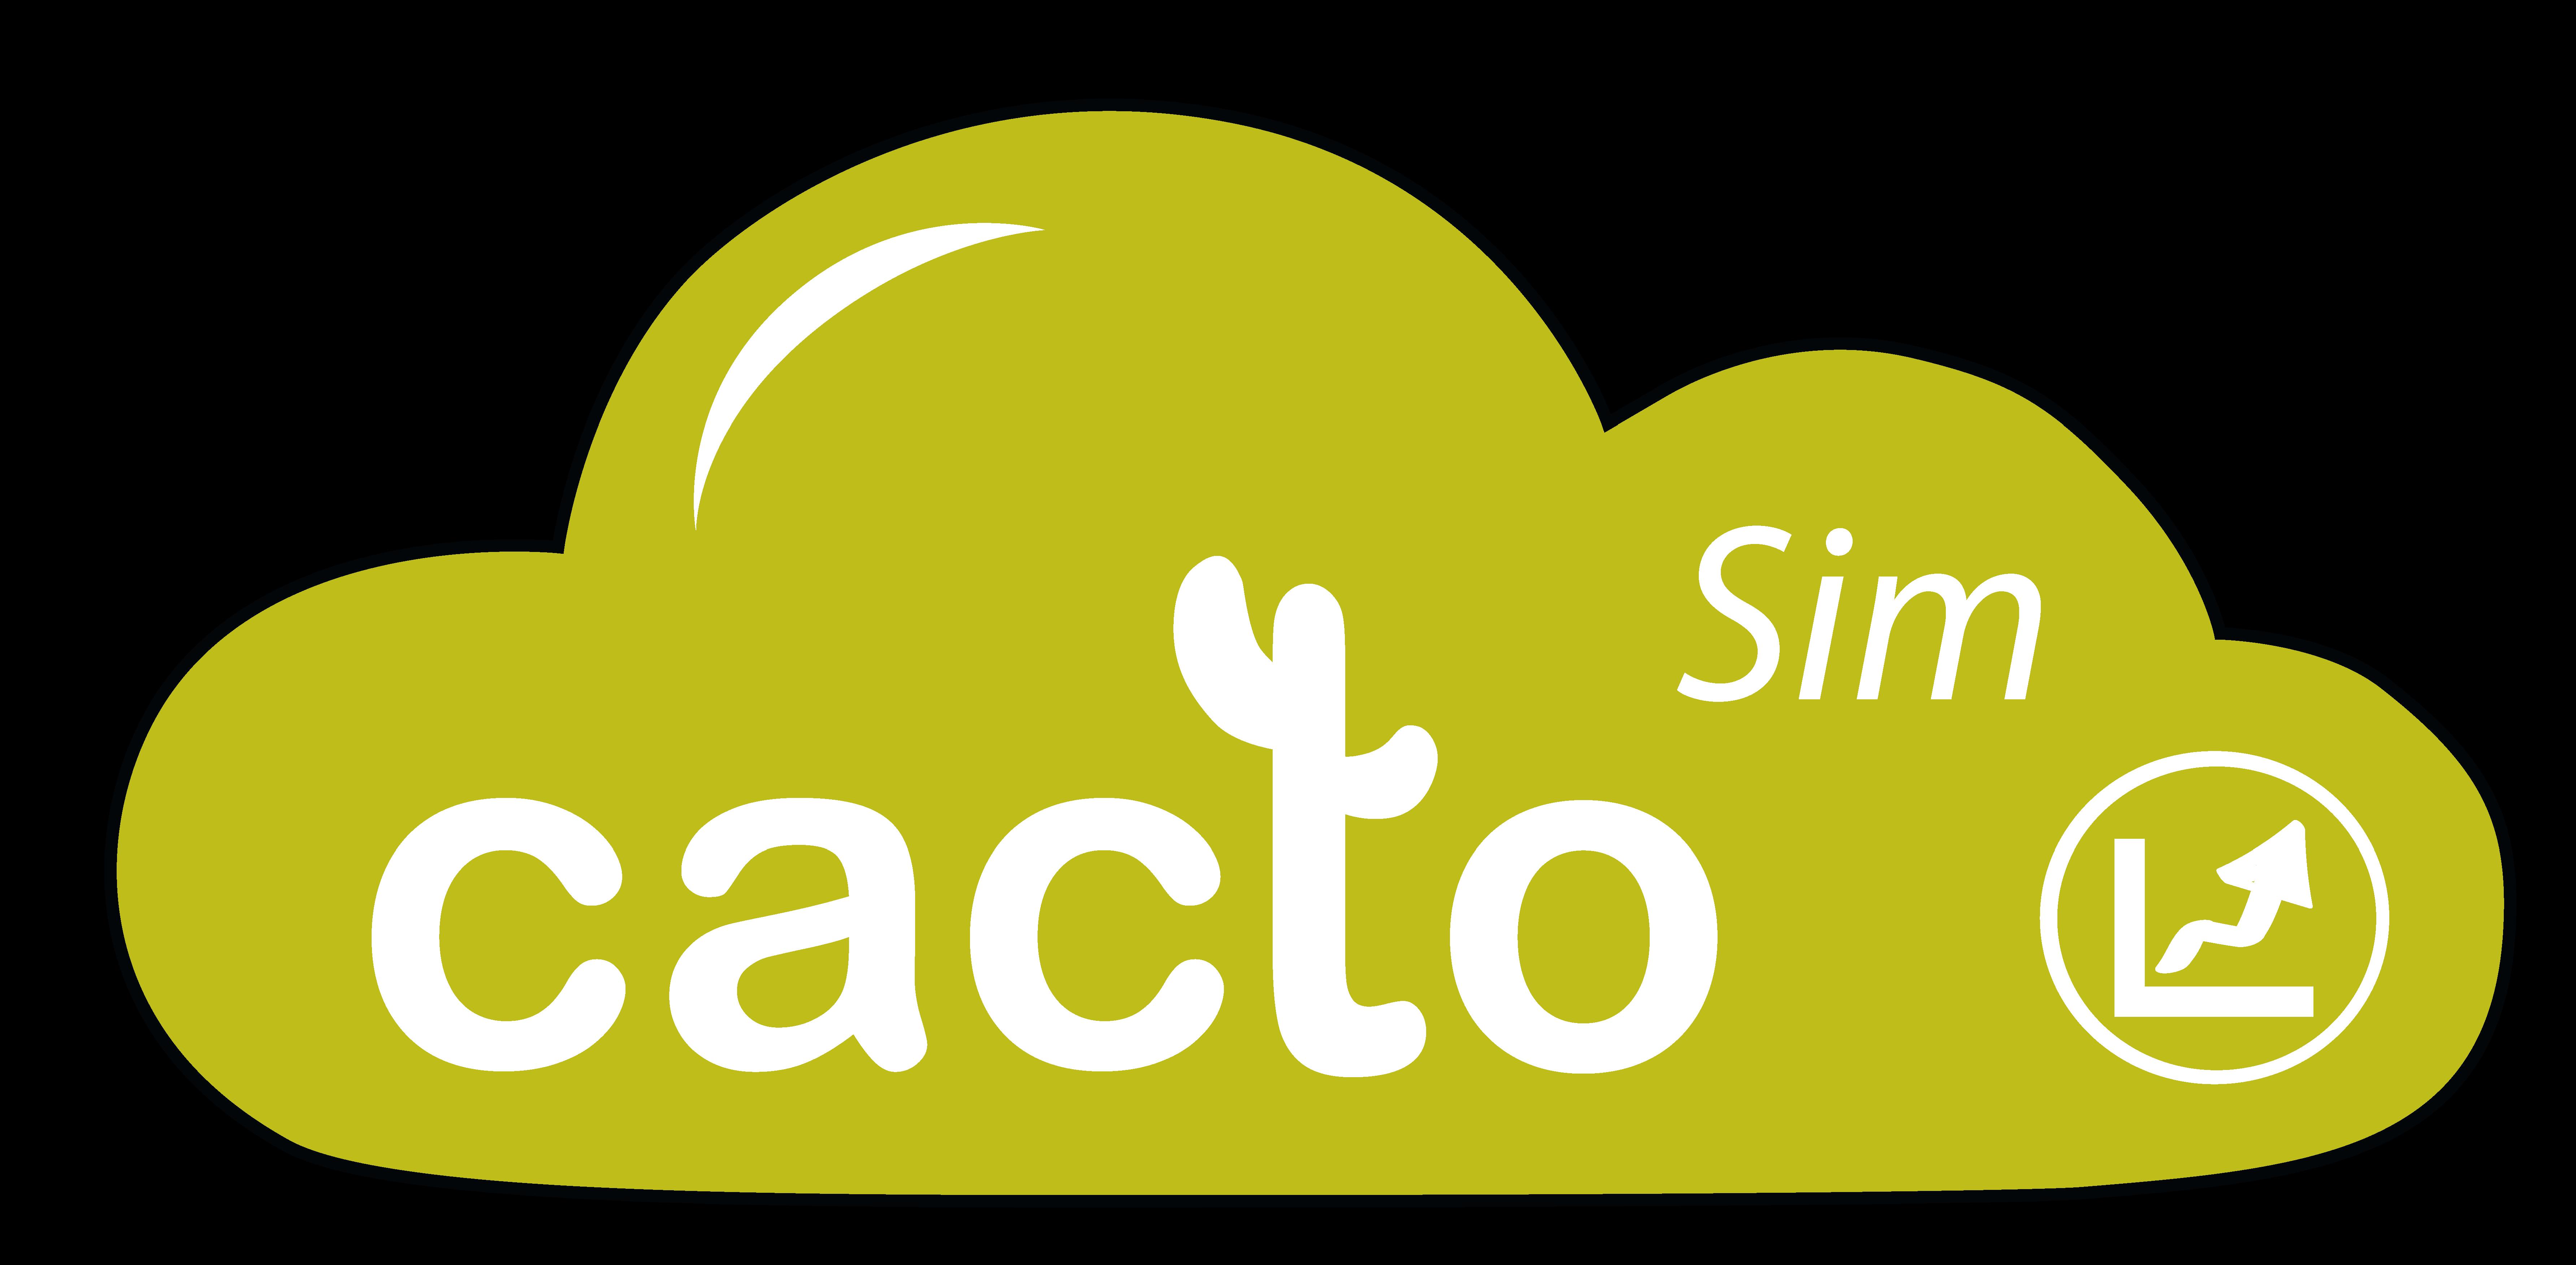 Discover CactoSim